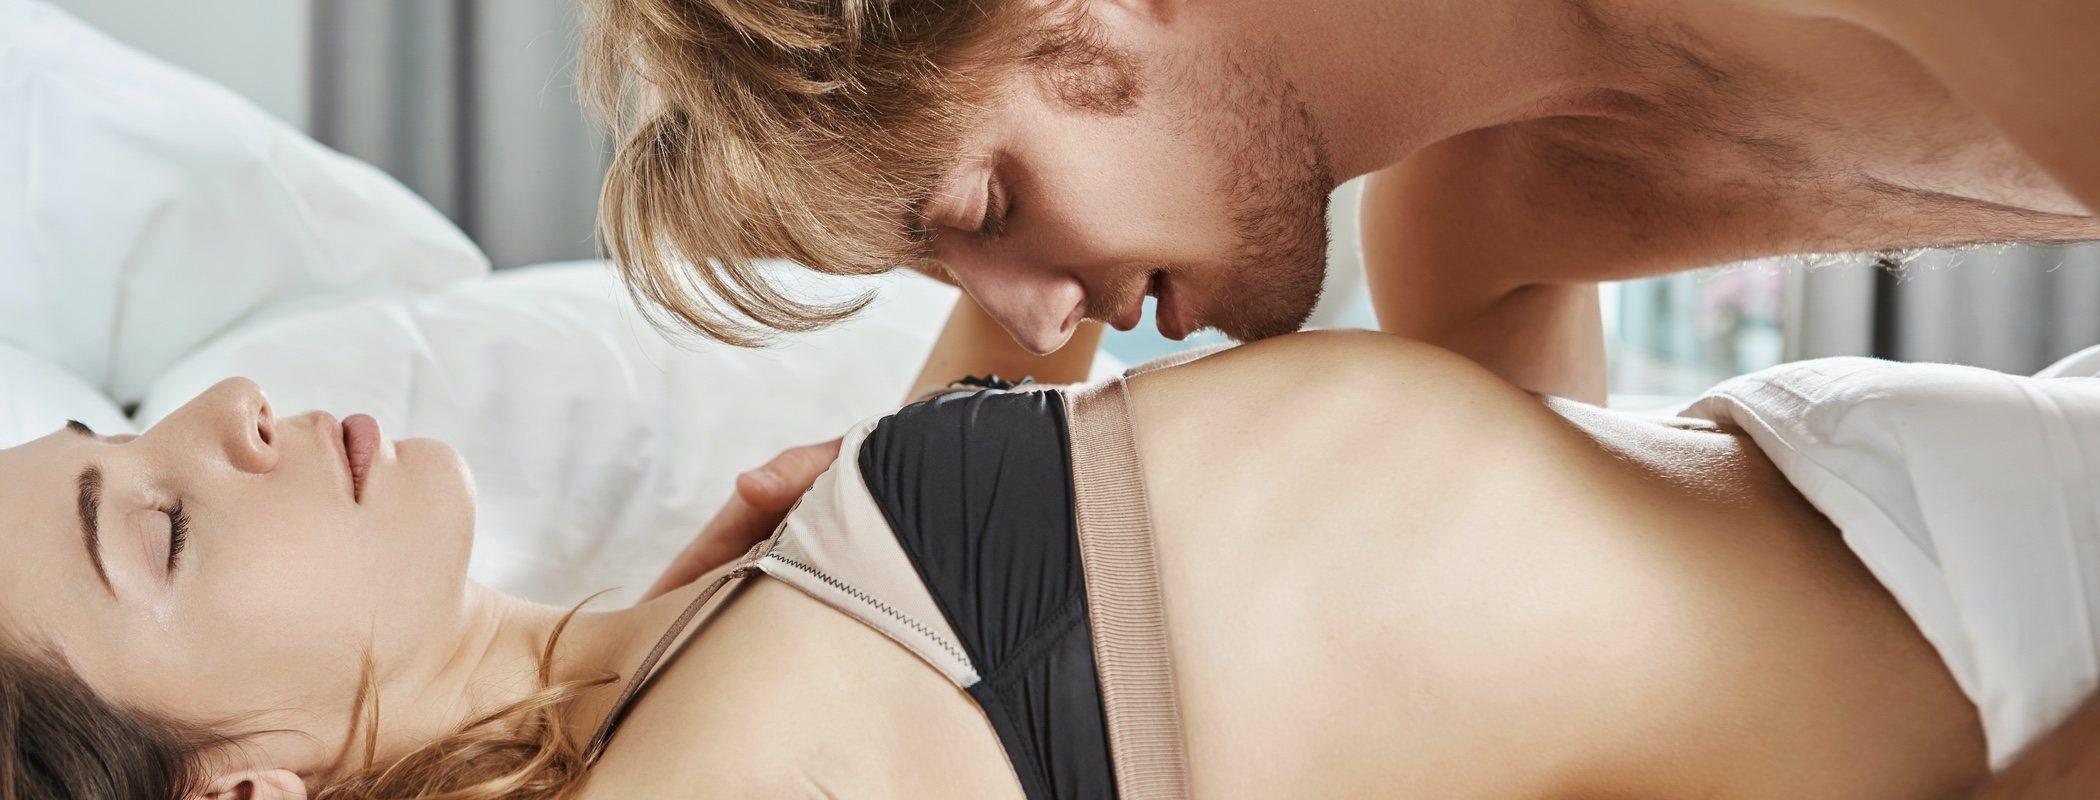 Todo lo que debes saber sobre el sexo oral